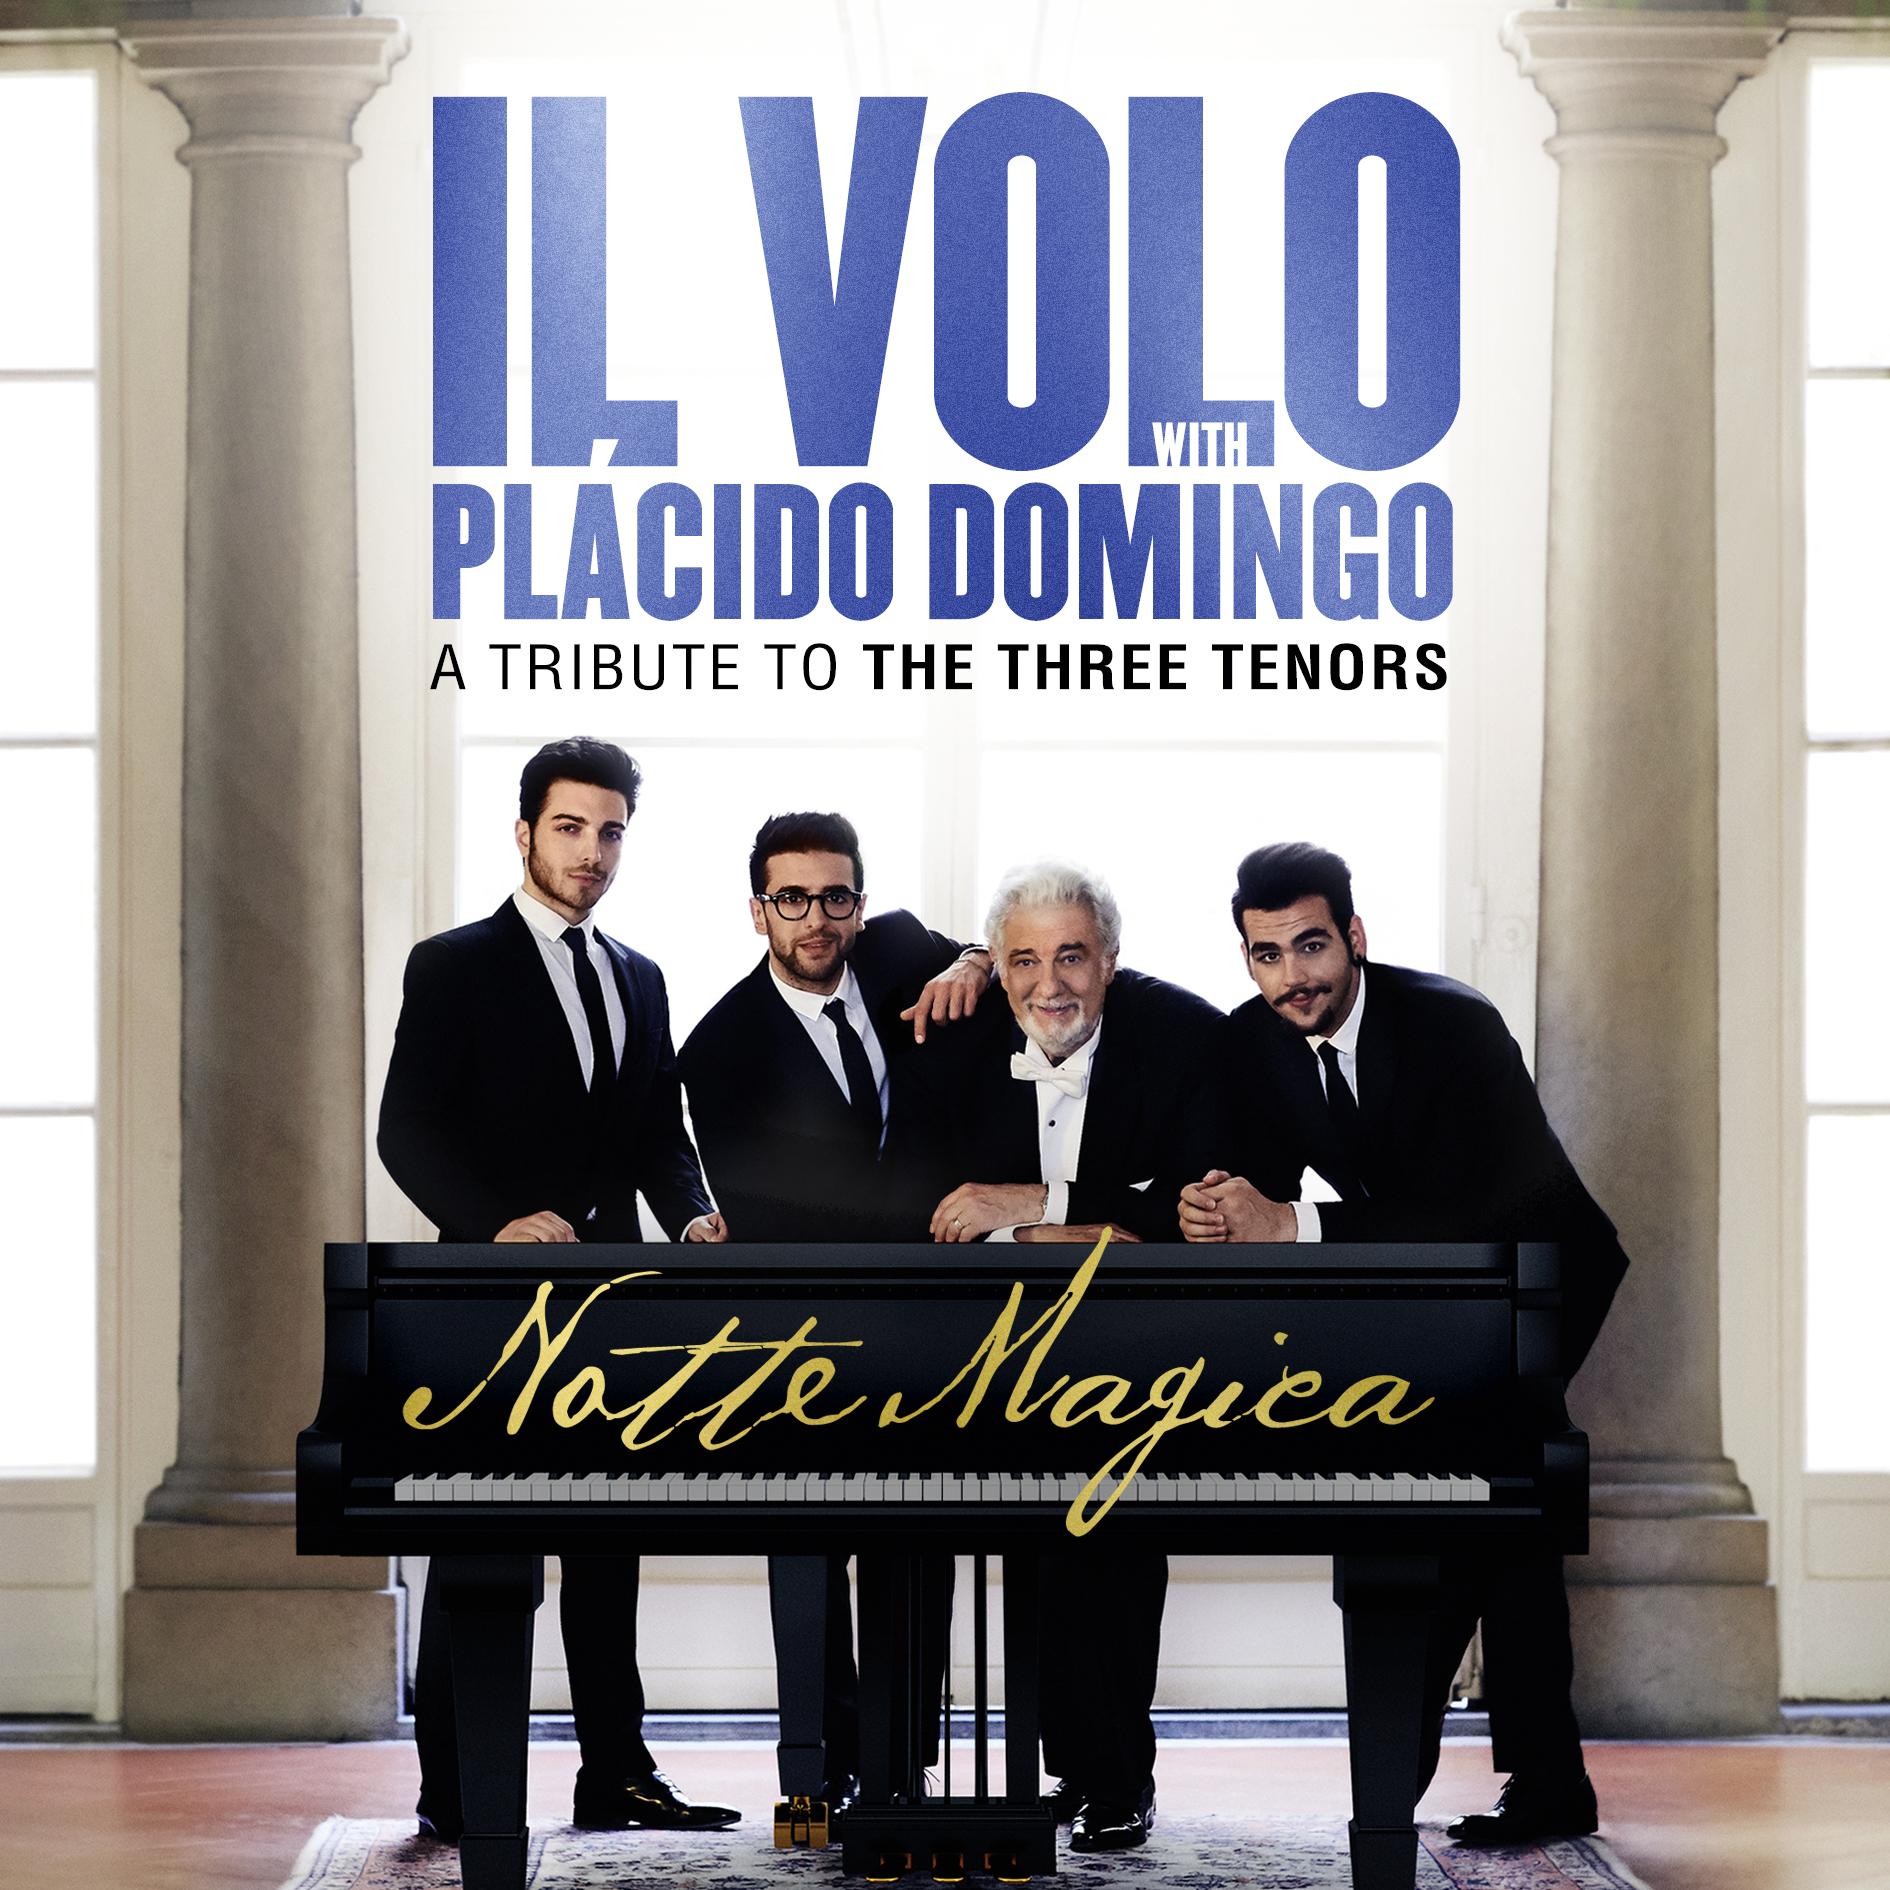 """Il Volo con Plácido Domingo: tributo a los tres tenores """"Una noche mágica"""". CD+DVD a la venta el 30 de Septiembre"""